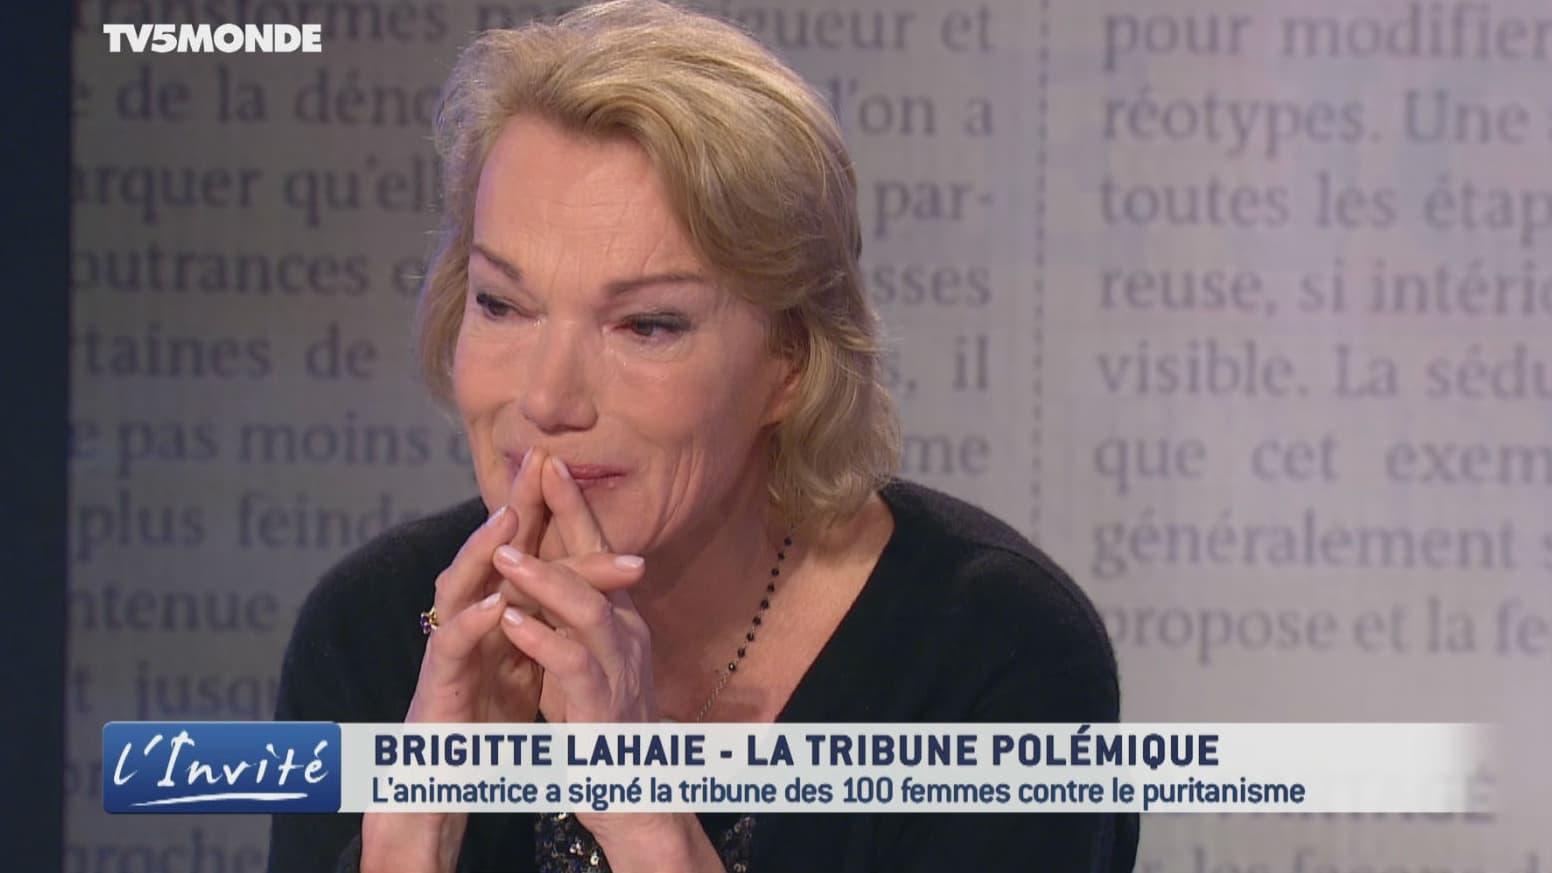 Brigitte Lahaie, en larmes, présente ses excuses pour ses propos